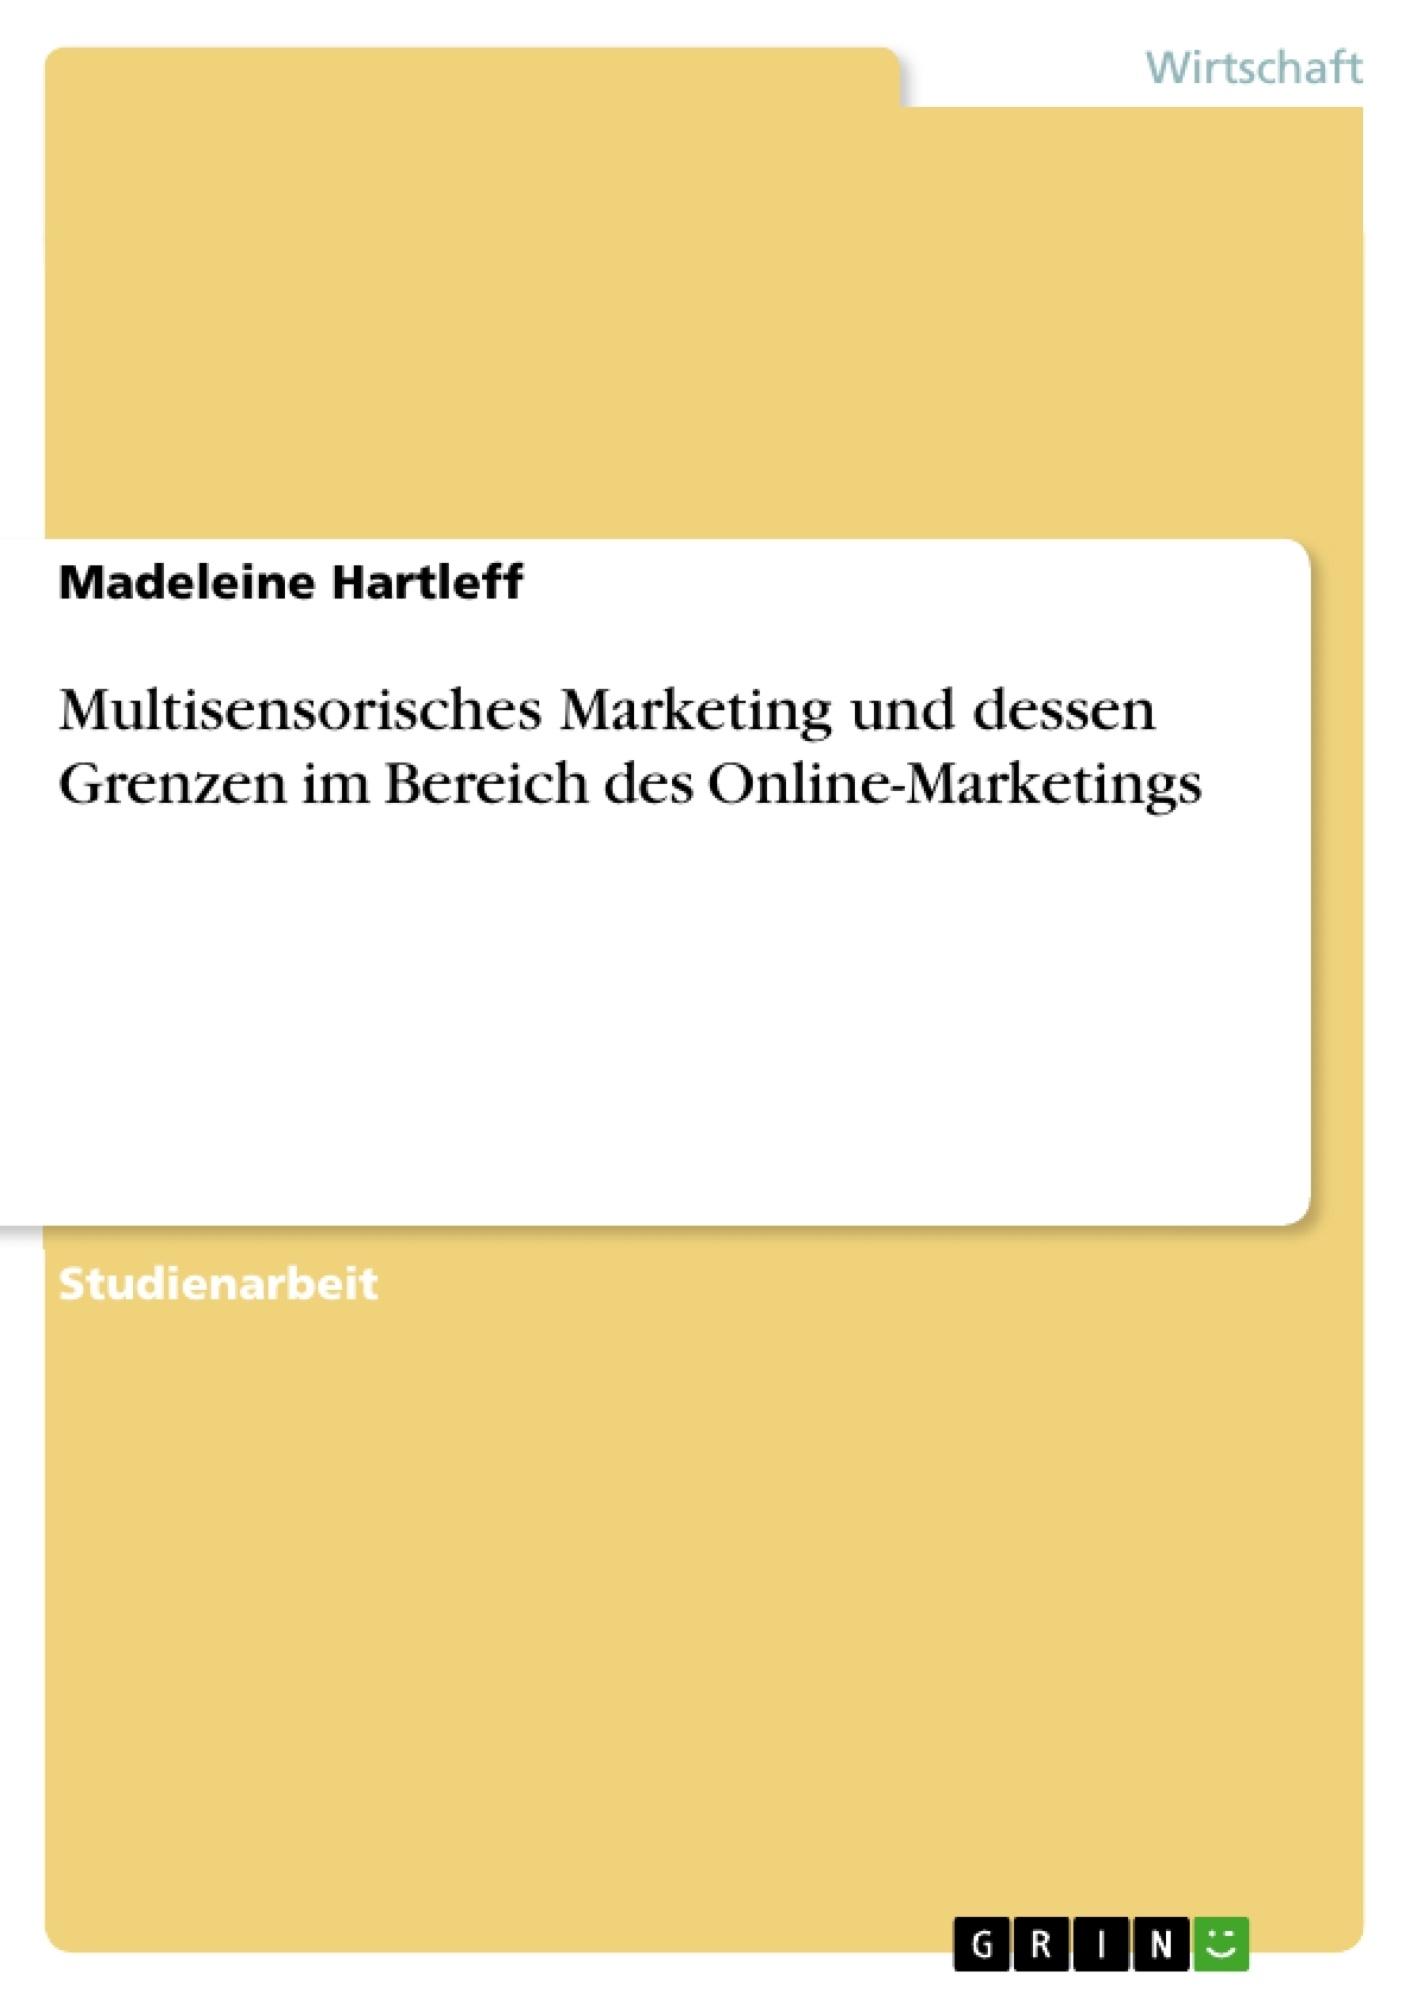 Titel: Multisensorisches Marketing und dessen Grenzen im Bereich des Online-Marketings